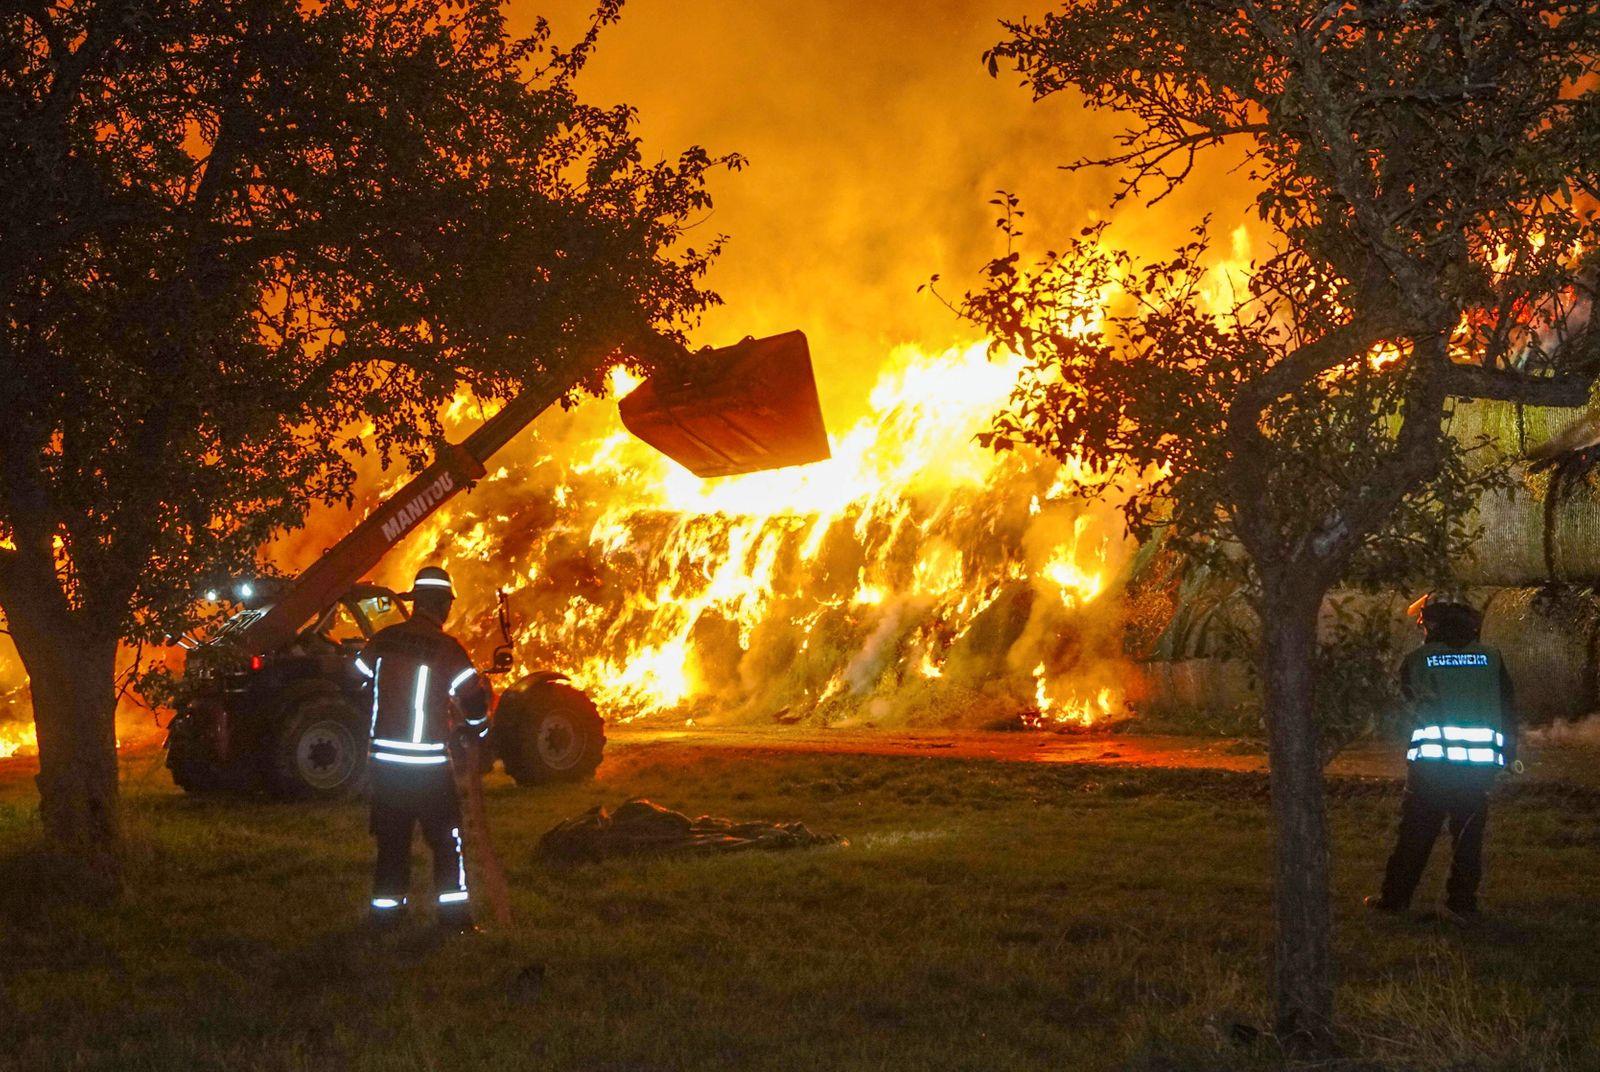 Urteil gegen Feuerwehrmann wegen Brandstiftung